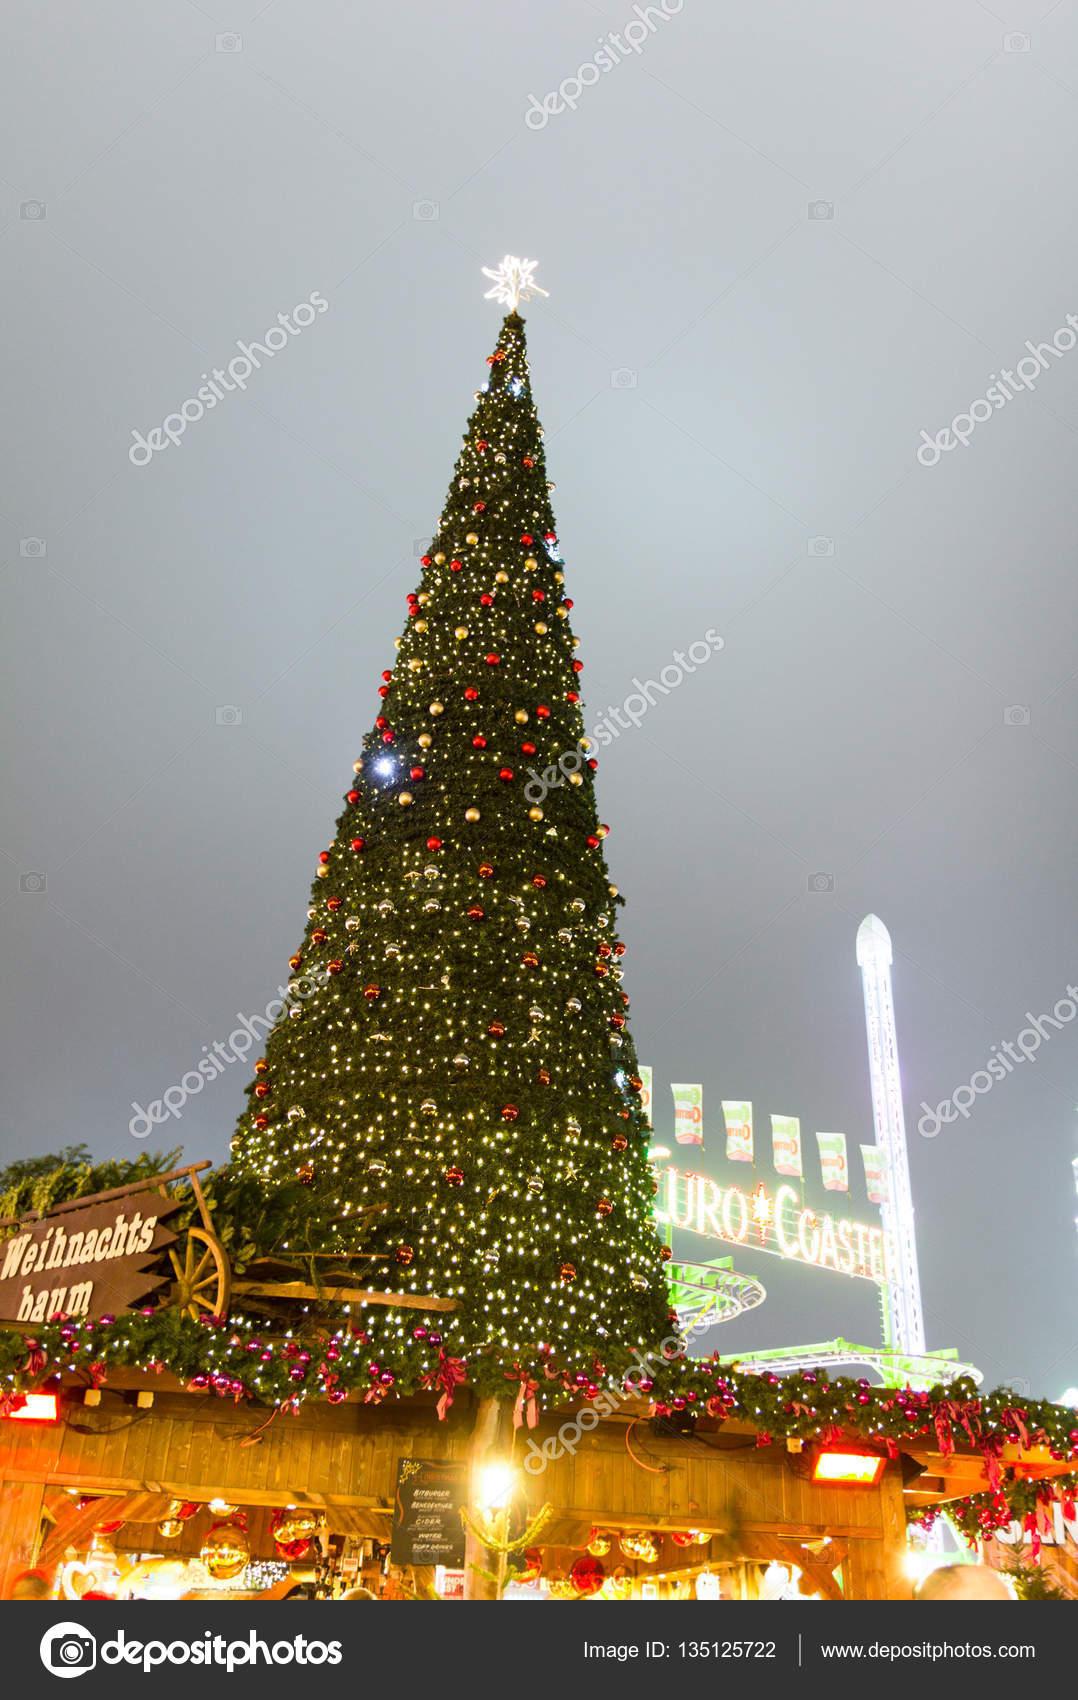 Weihnachtsbaum England.Weihnachtsbaum In Den Hyde Park Winter Wonderland London England